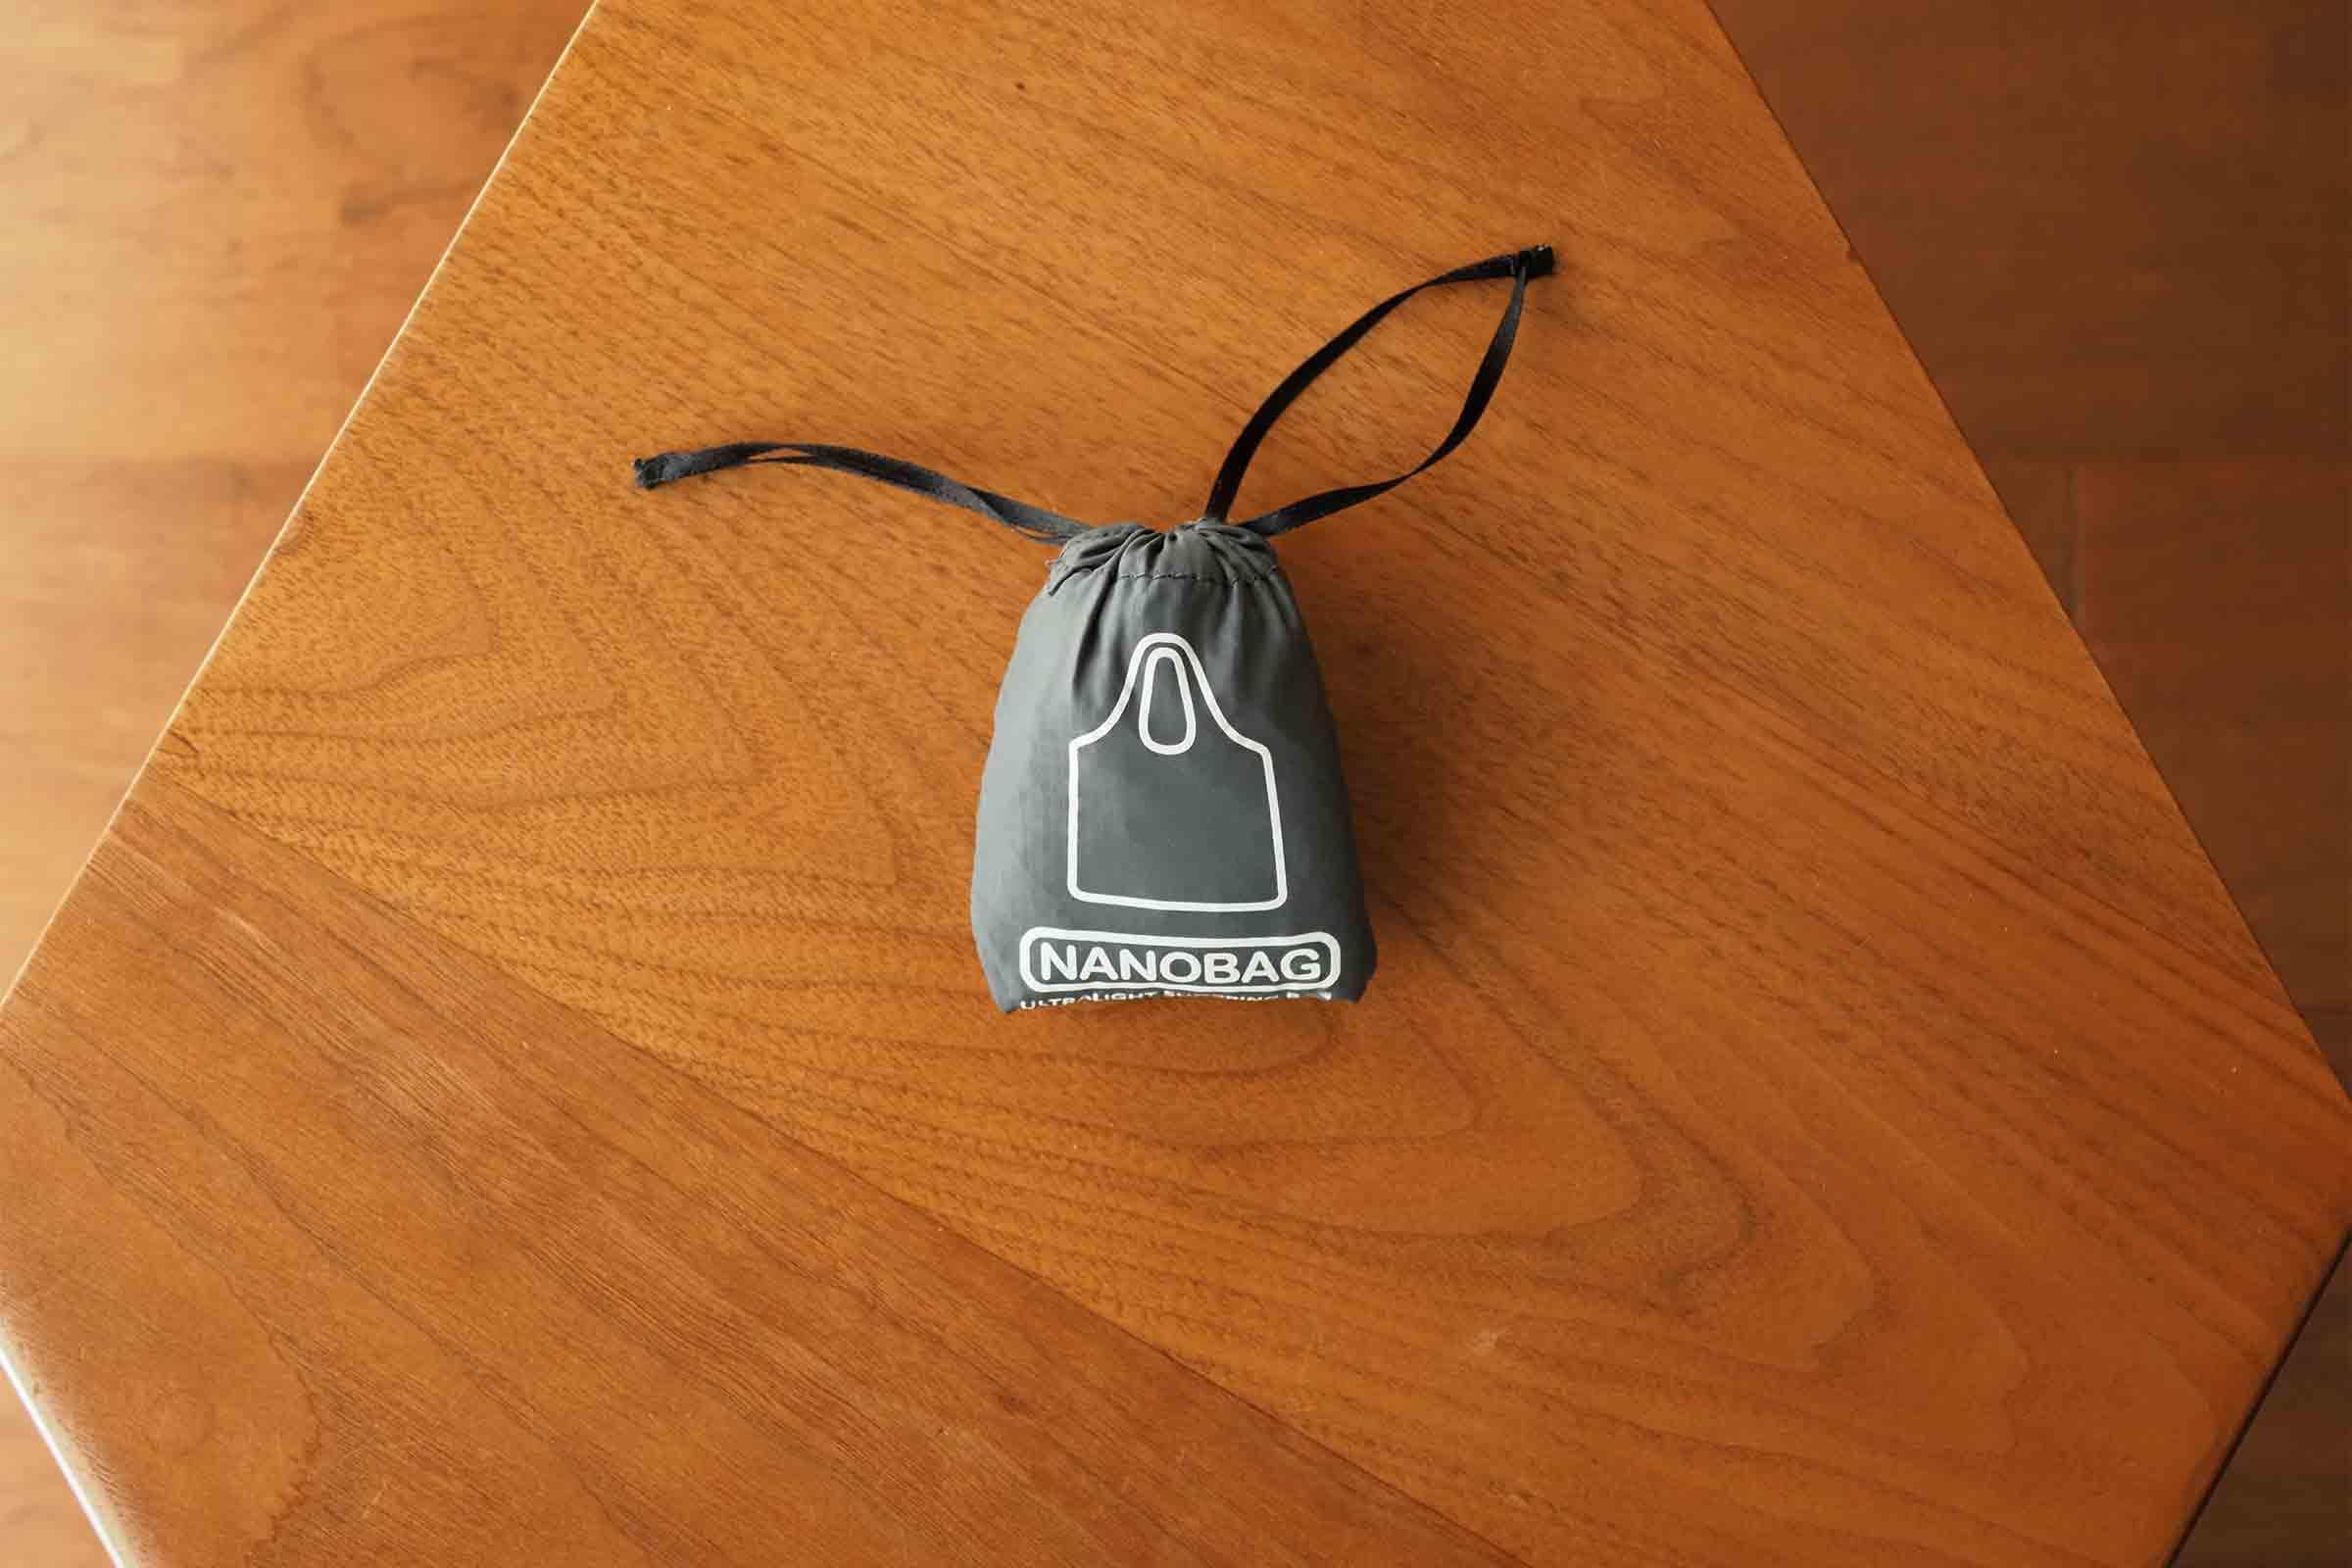 エコバッグ,nano bag,小さい,コンパクト,軽い,お洒落,手のひらサイズ